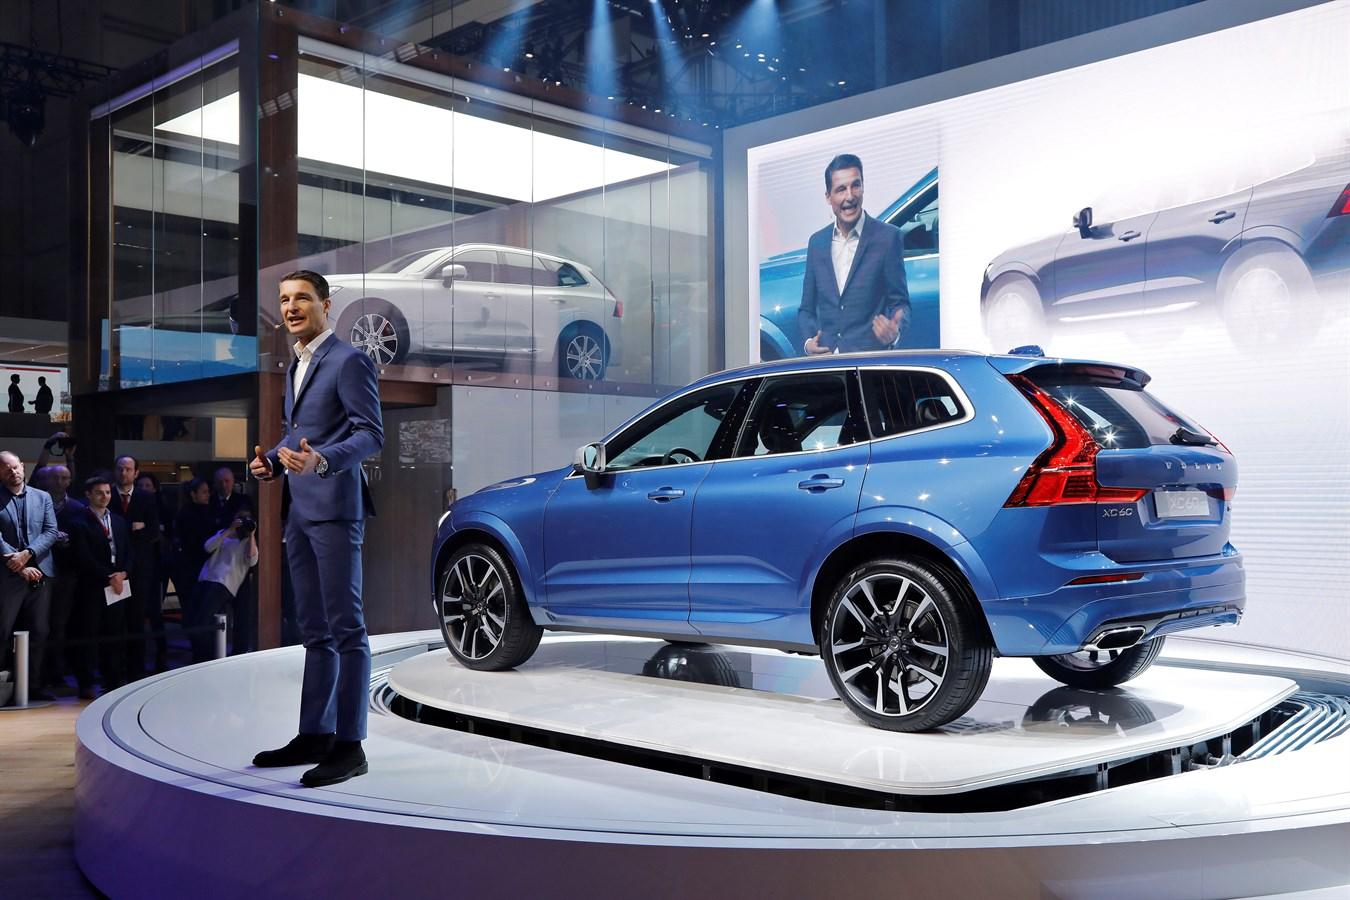 Nouveau Volvo XC60 Salon de Genève & Thomas Ingenlath Senior Vice President Design Volvo Car Group - 7 mars 2017 photo@Ace Team pour Volvo Car France, usage presse et réseaux sociaux exclusivement